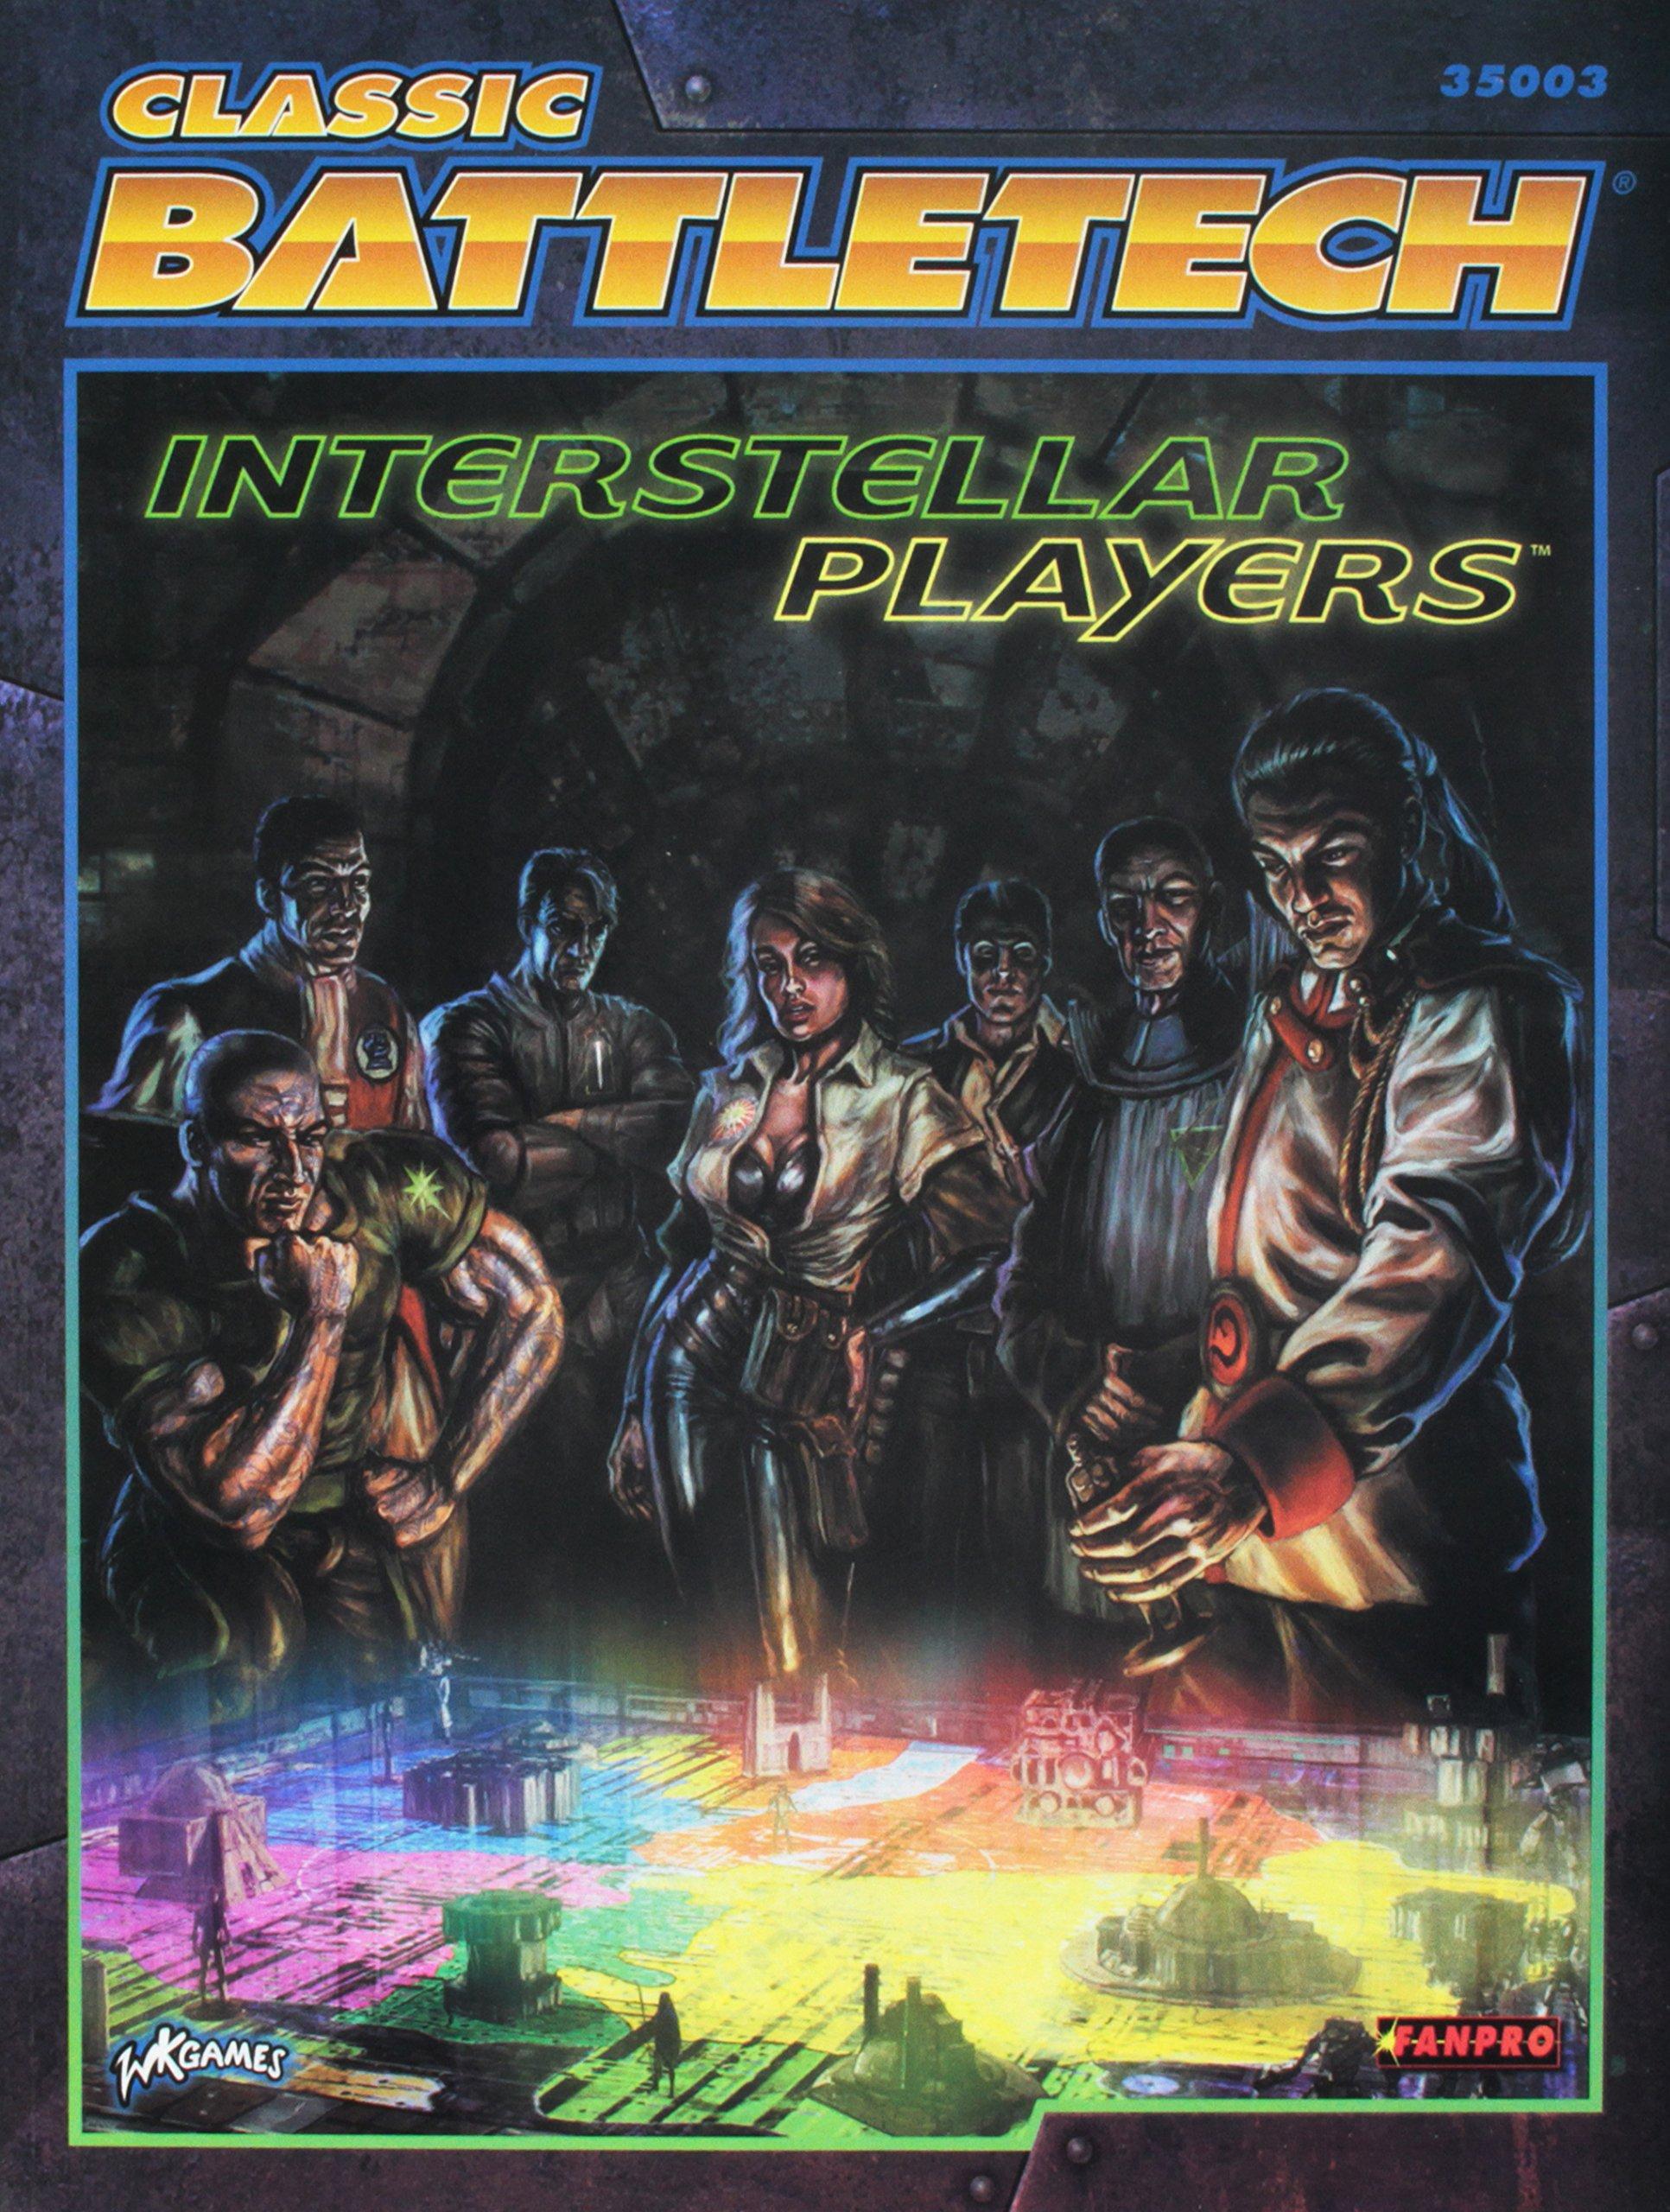 Read Online Classic Battletech: Interstellar Players (FPR35003) ebook